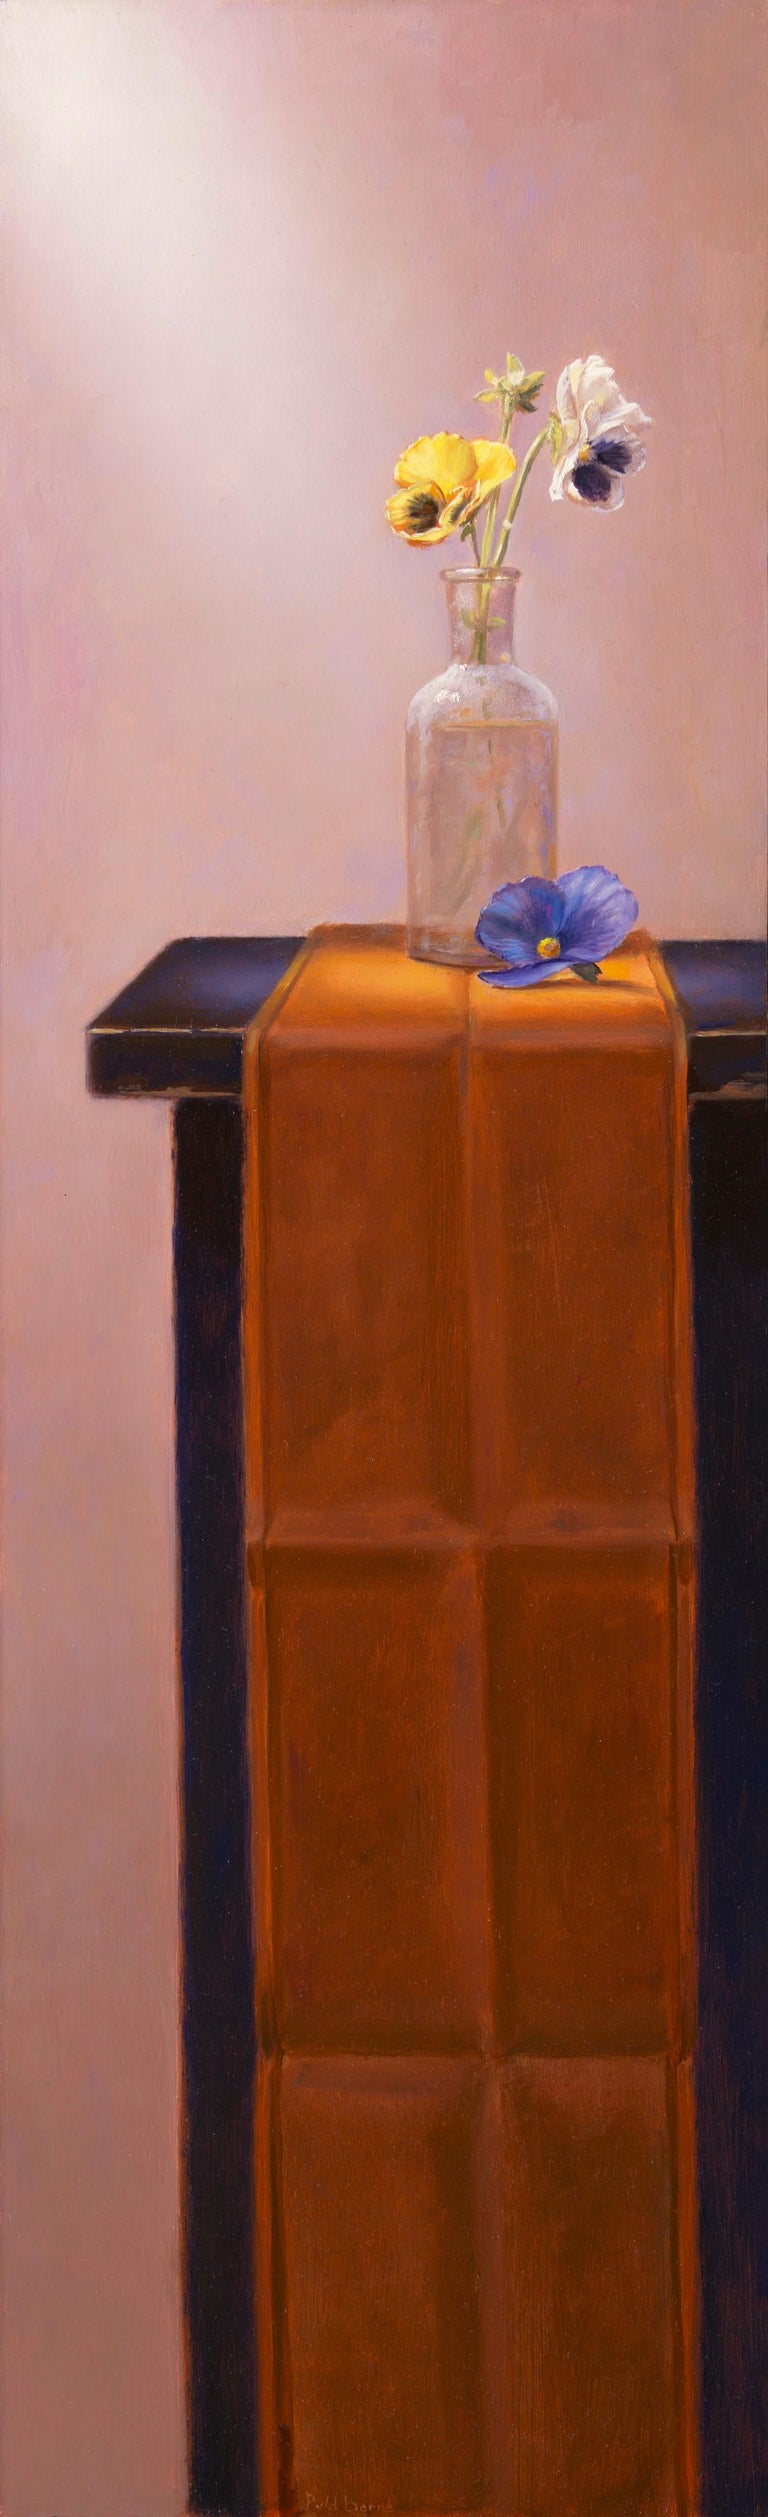 Violin (pendant) - Peter van den Borne - Painting by Peter van den Borne